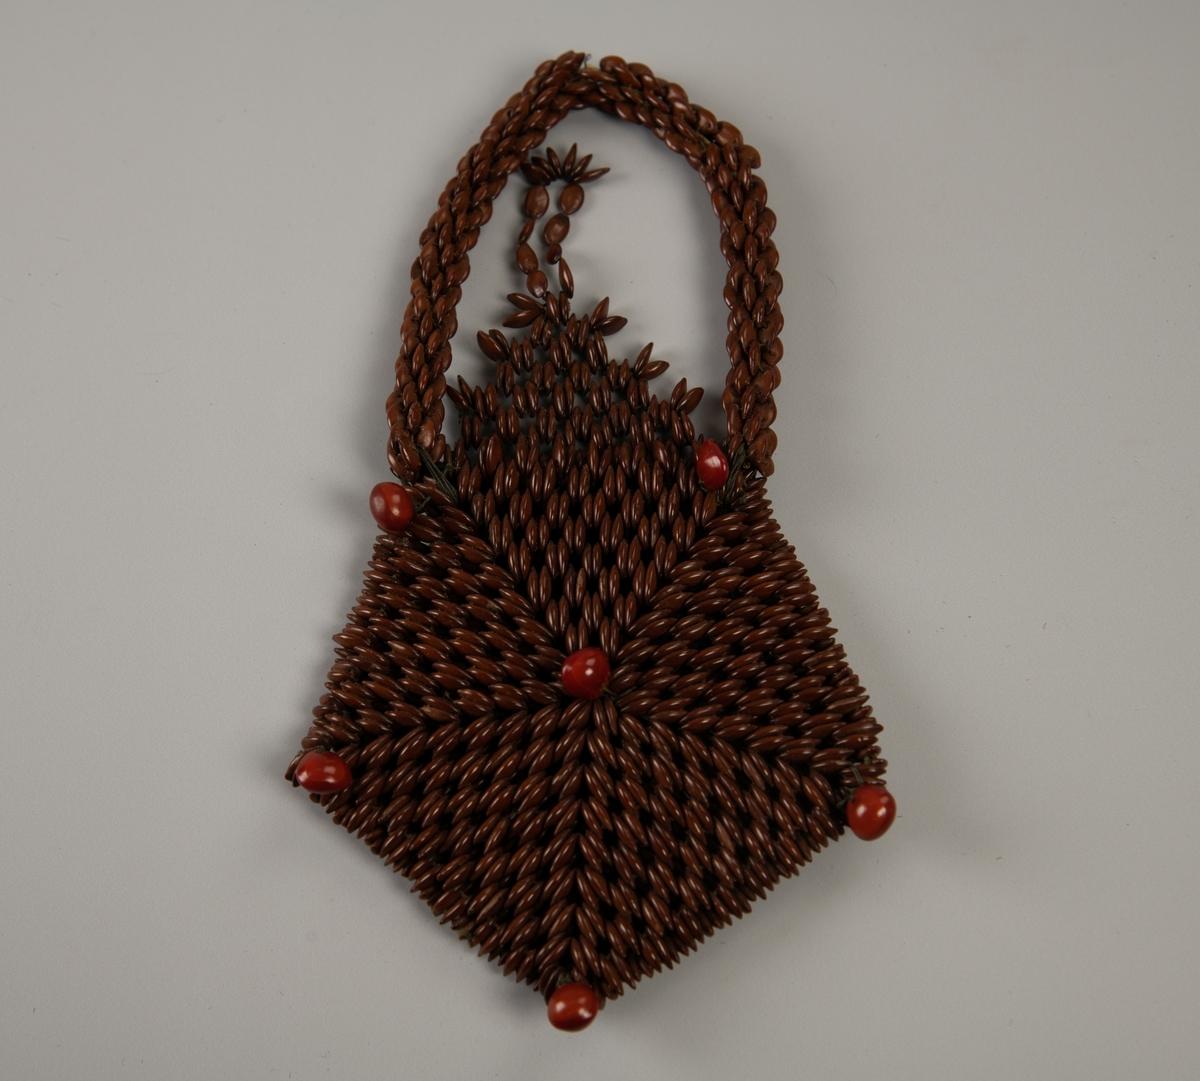 Femkantet pung som er flettet i fem trekanter med et rødt bær på midten og i hvert hjørne. Bakstykket er trekantet med hempe til å lukke med. Forholdsvis tykk, høy rundet hank av samme materiale.